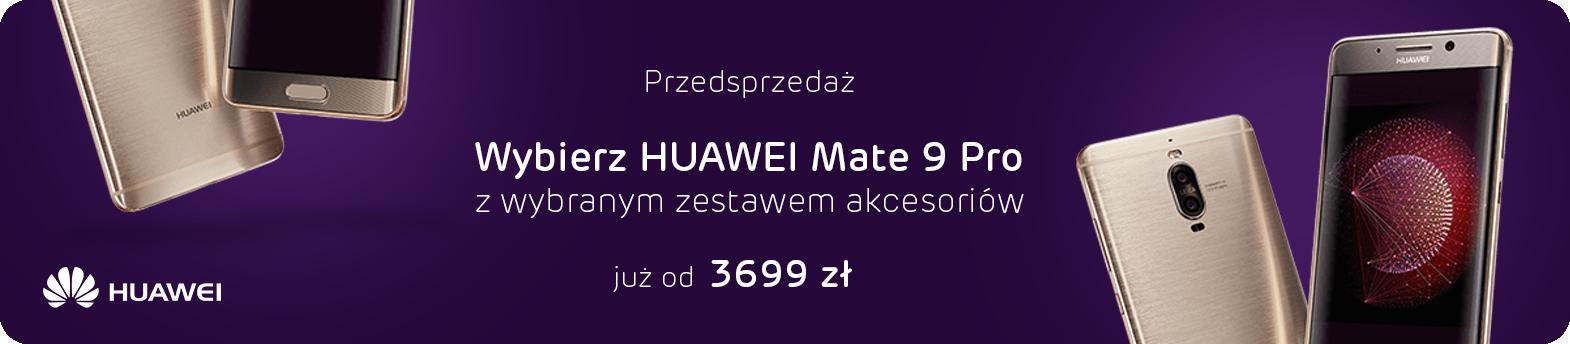 przedsprzedaż - HUAWEI Mate 9 Pro